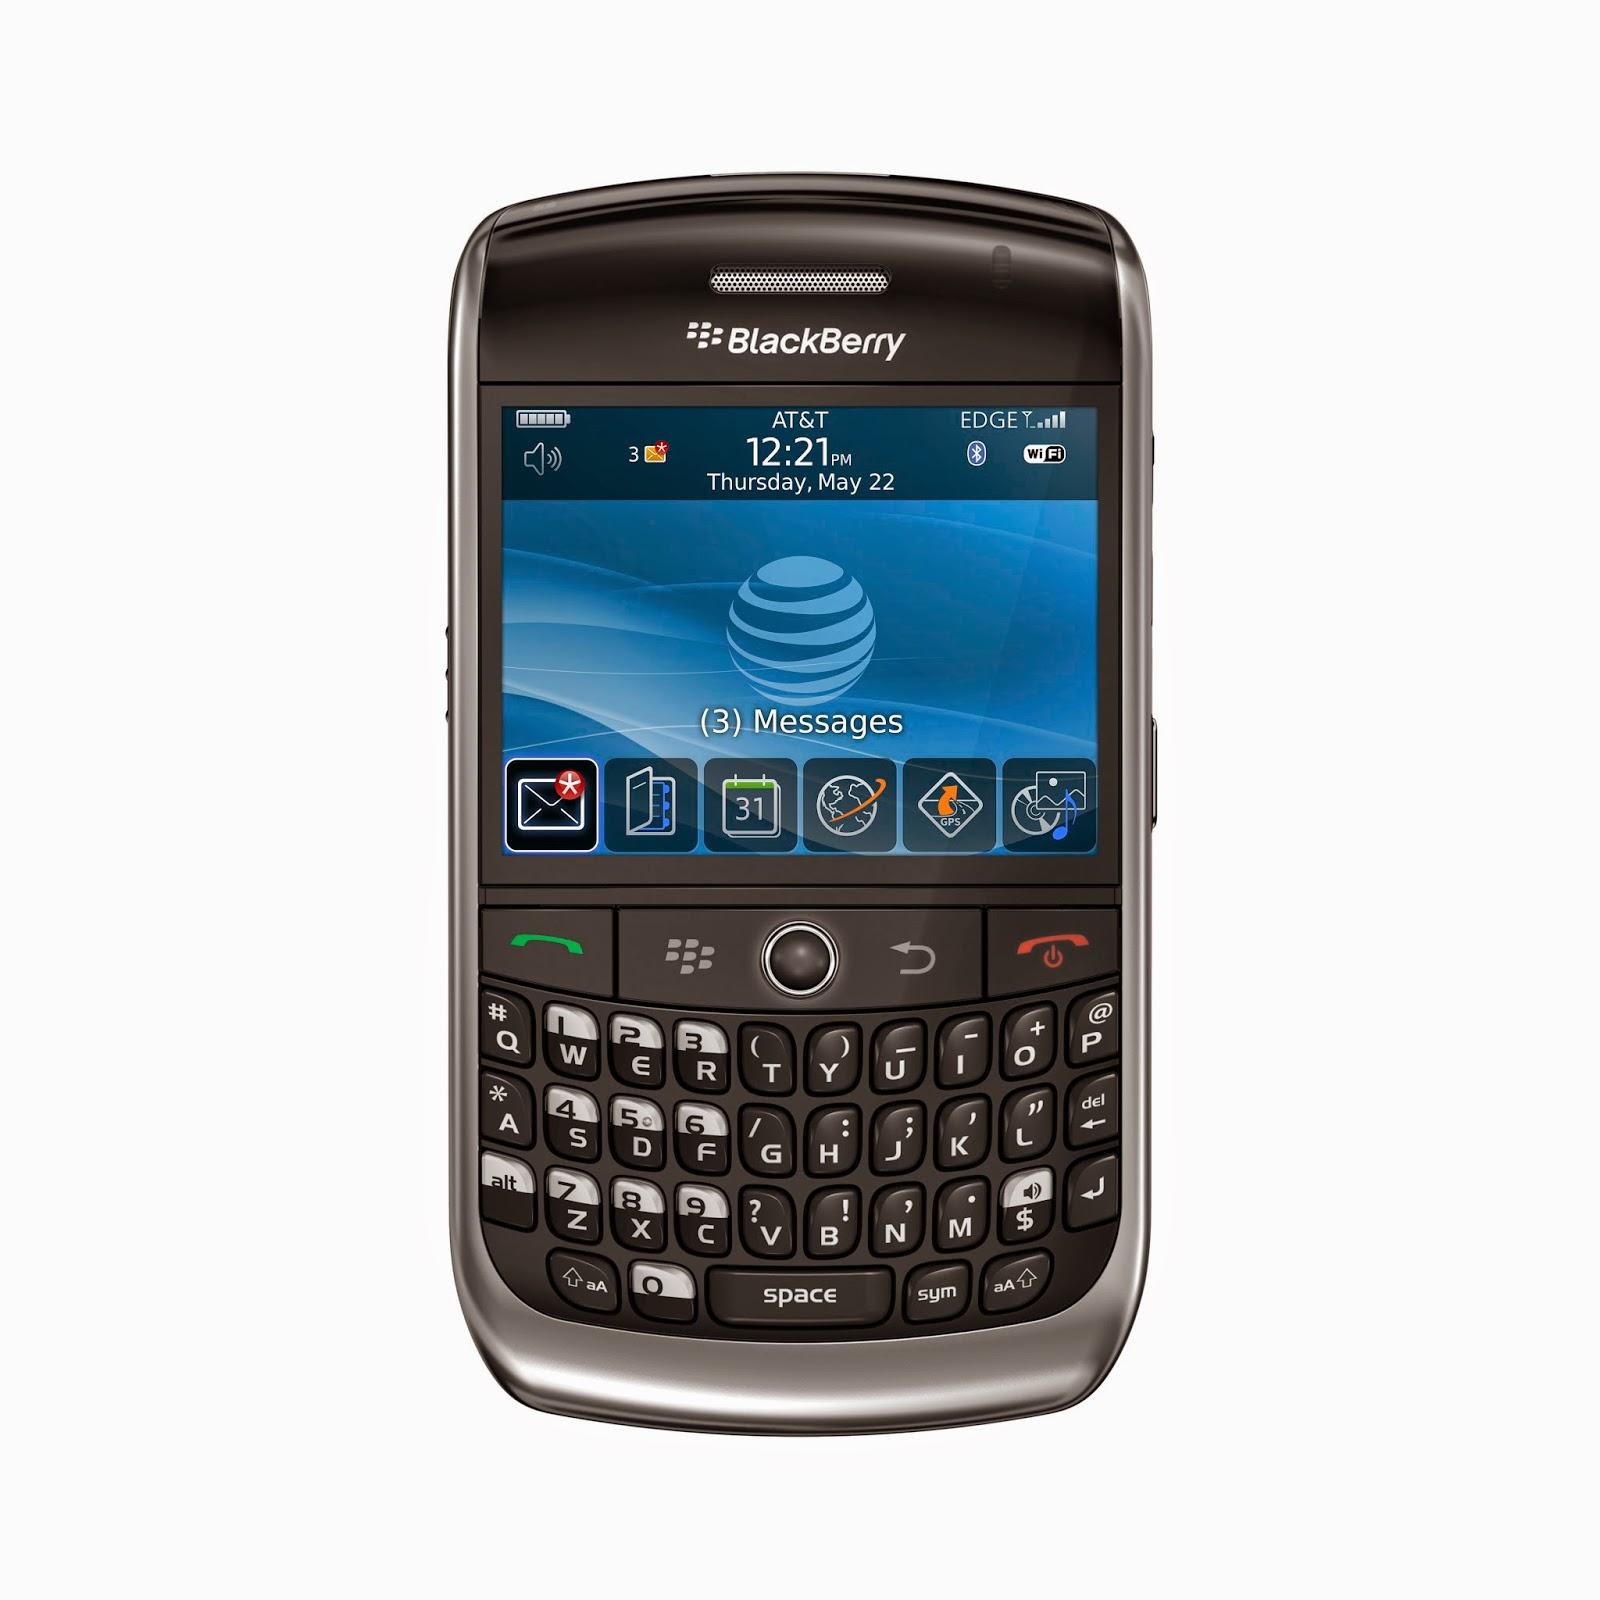 OS Oficial 5.0.0.1113 para el BlackBerry Curve 8900 y 8520 ...